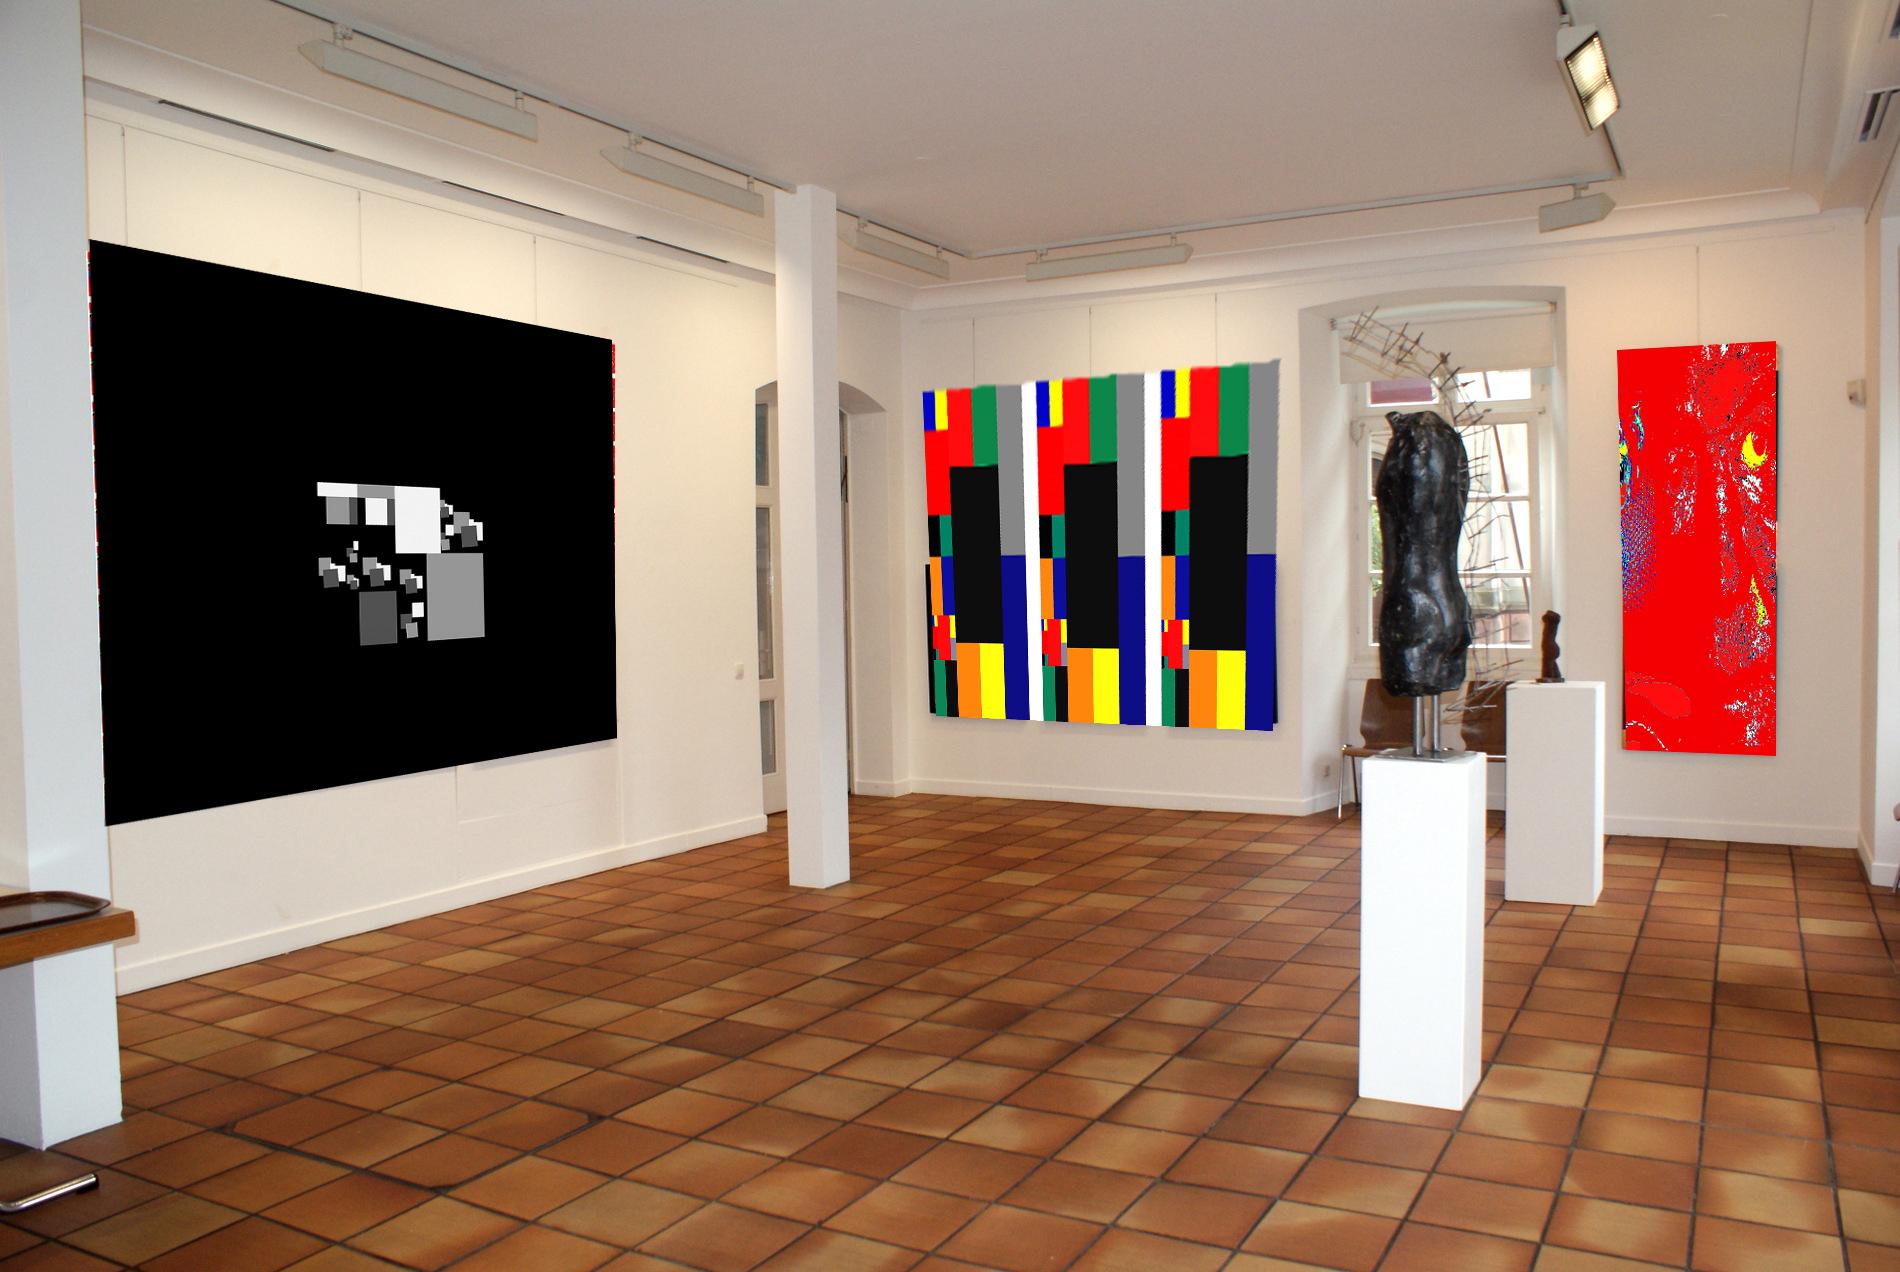 Lee Eggstein / Abstrakte ,moderne Malerei / Architektur / Menschen / Natur  / Im Onlineshop Zu Kaufen / Mitglied Der Künstlergruppe EKABA